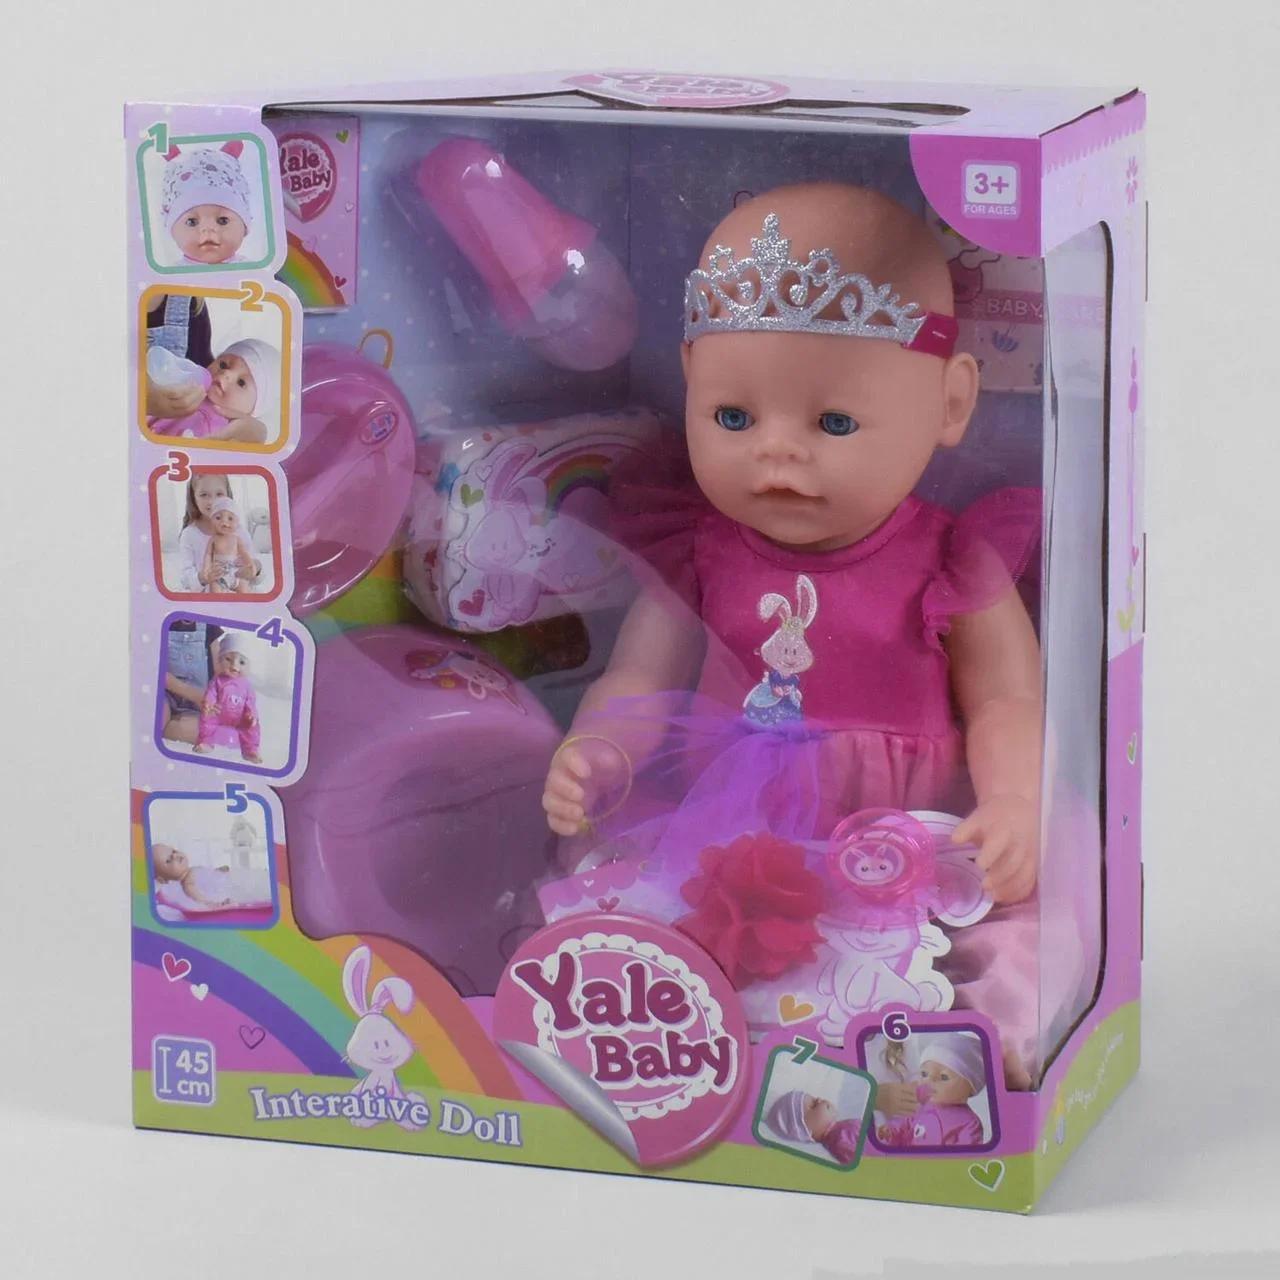 Дитячий пупсик для дівчинки Yale Baby BL 037, багатофункціональний пупс на 8 функцій з аксесуарами